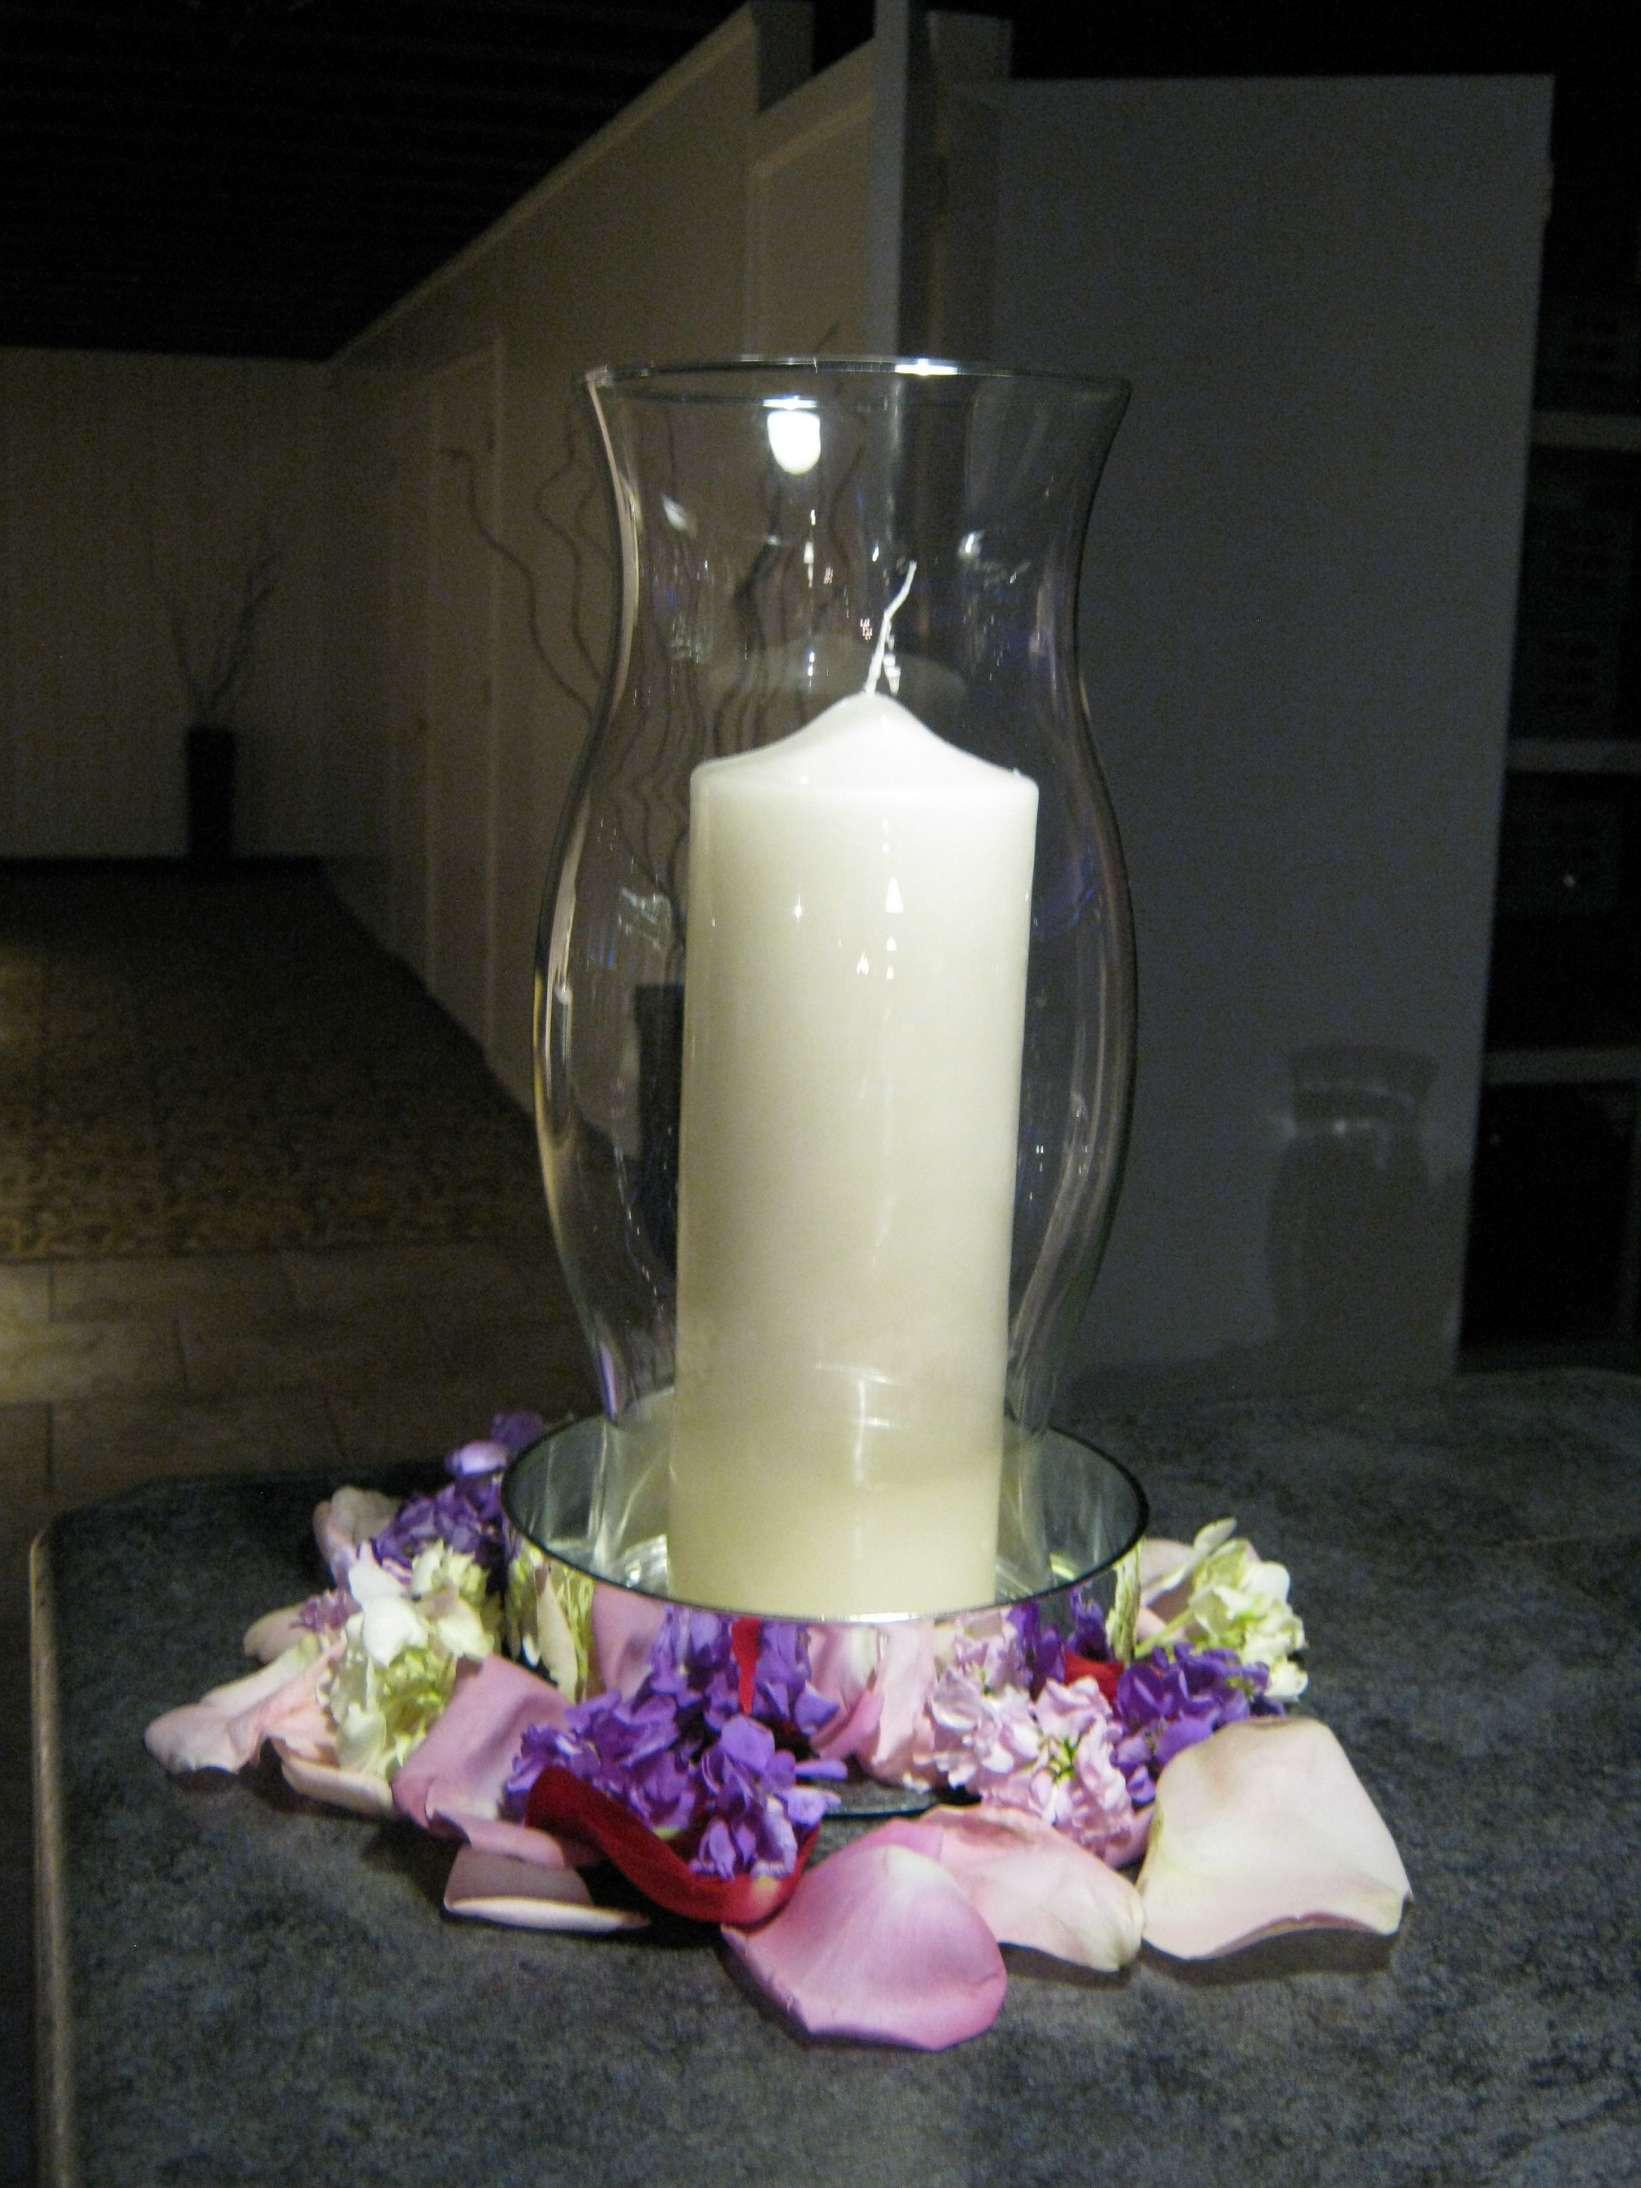 white vases hobby lobby of large hurricane vase inspirational since hurricane vase with candle regarding large hurricane vase inspirational since hurricane vase with candle and flowers at the base